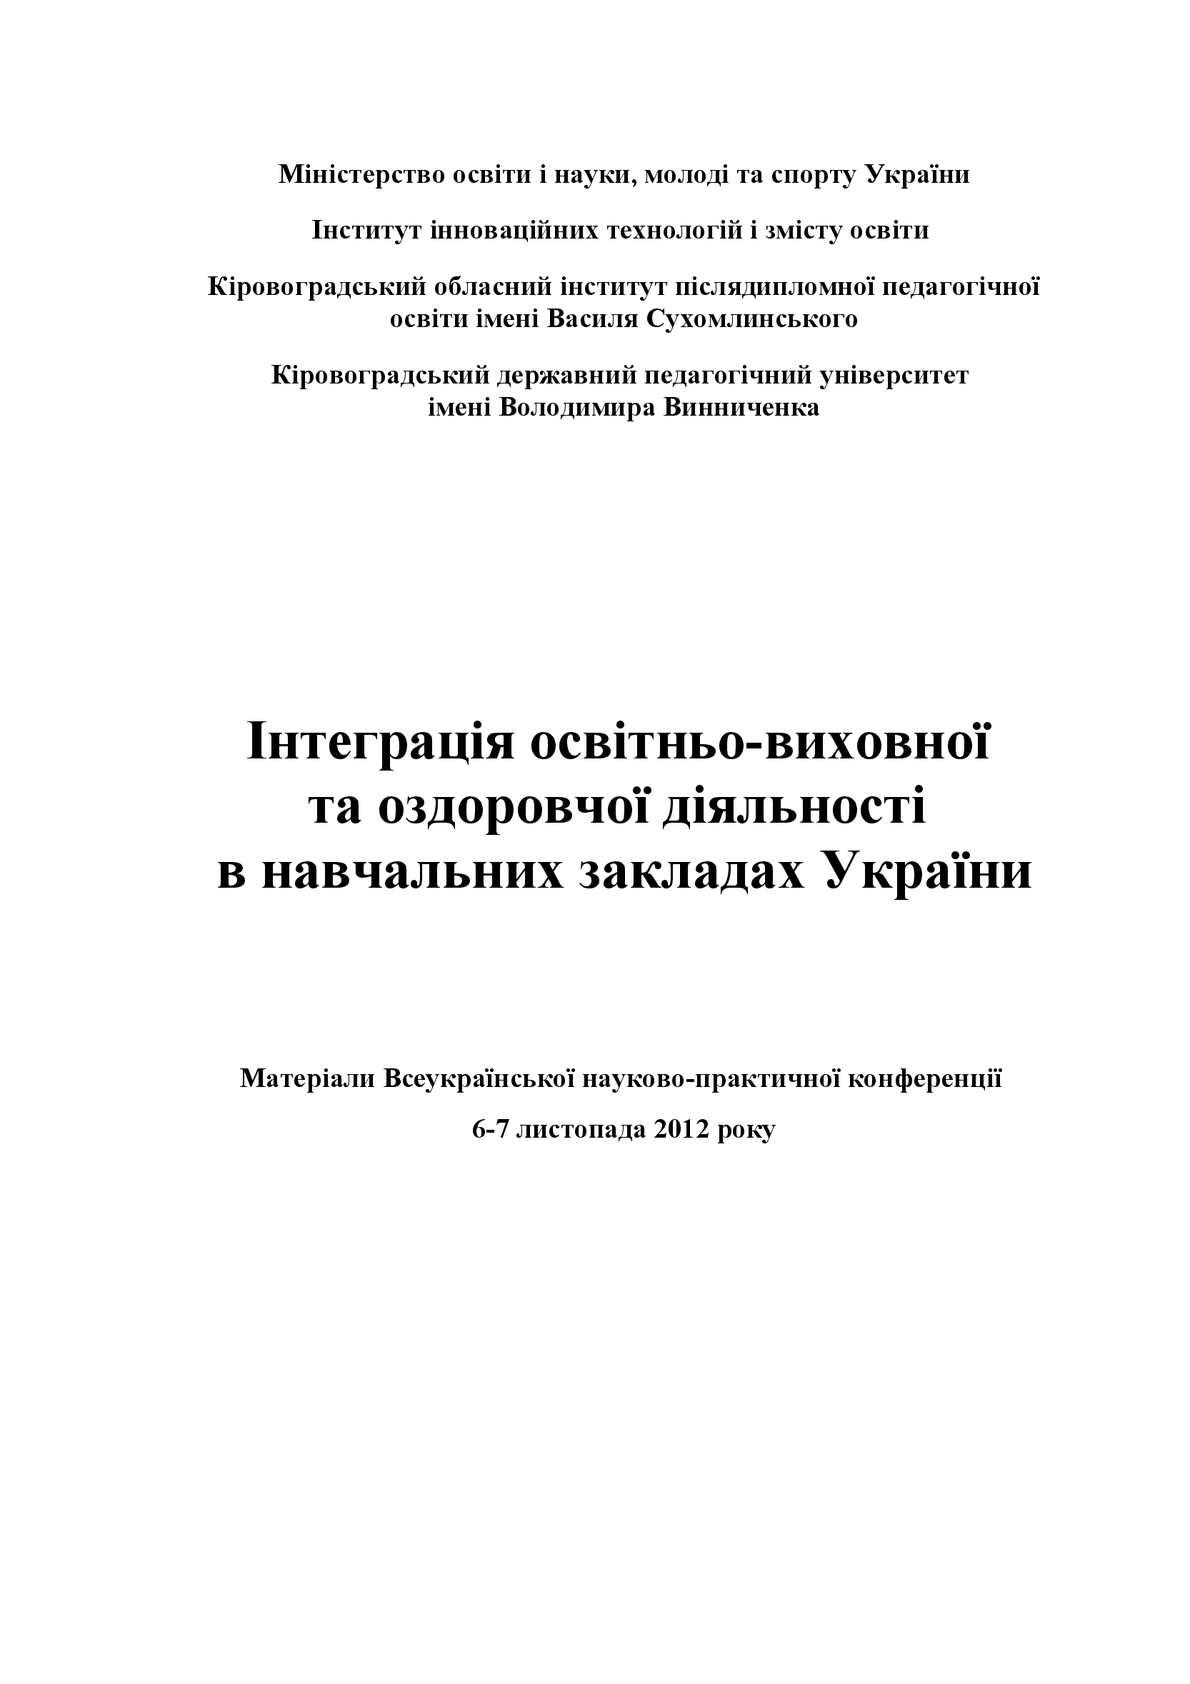 Calaméo - Інтеграція освітньо-виховної та оздоровчої діяльності в  навчальних закладах України c6a14a659580c